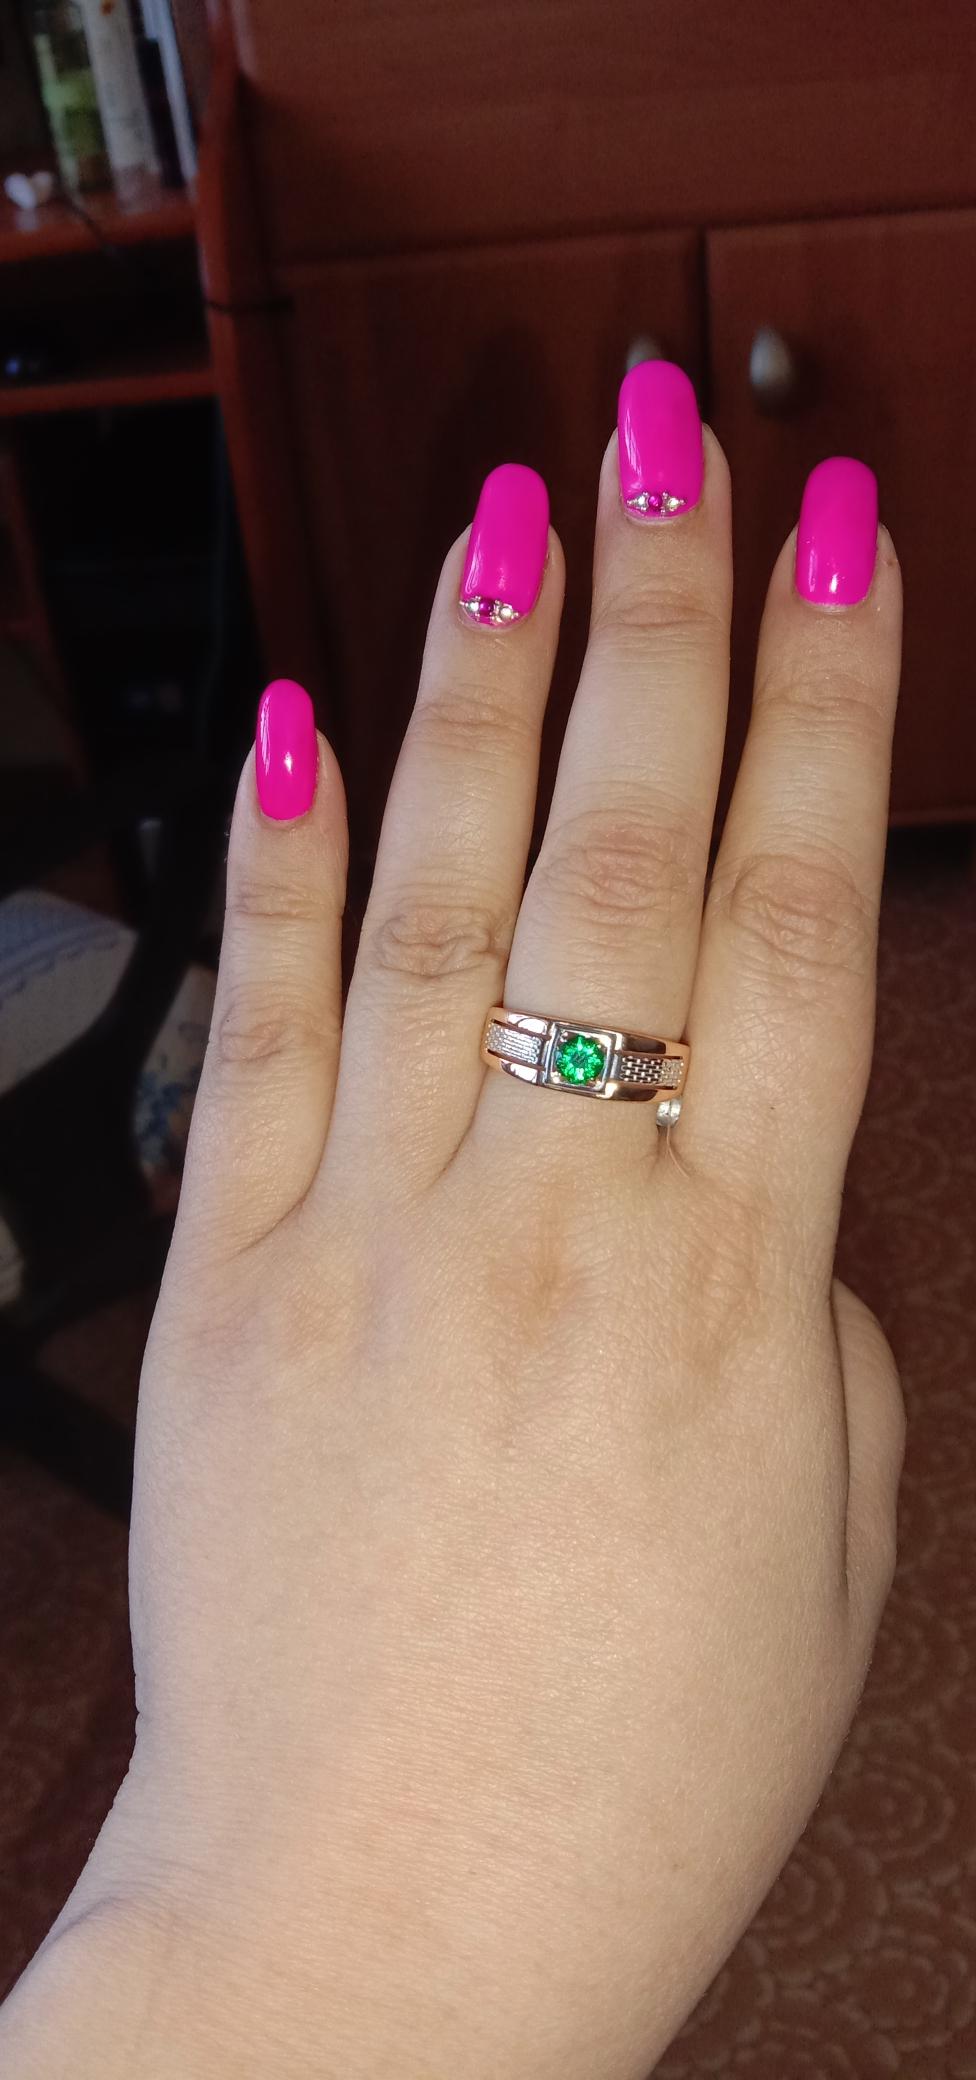 Золотое кольцо для мужа